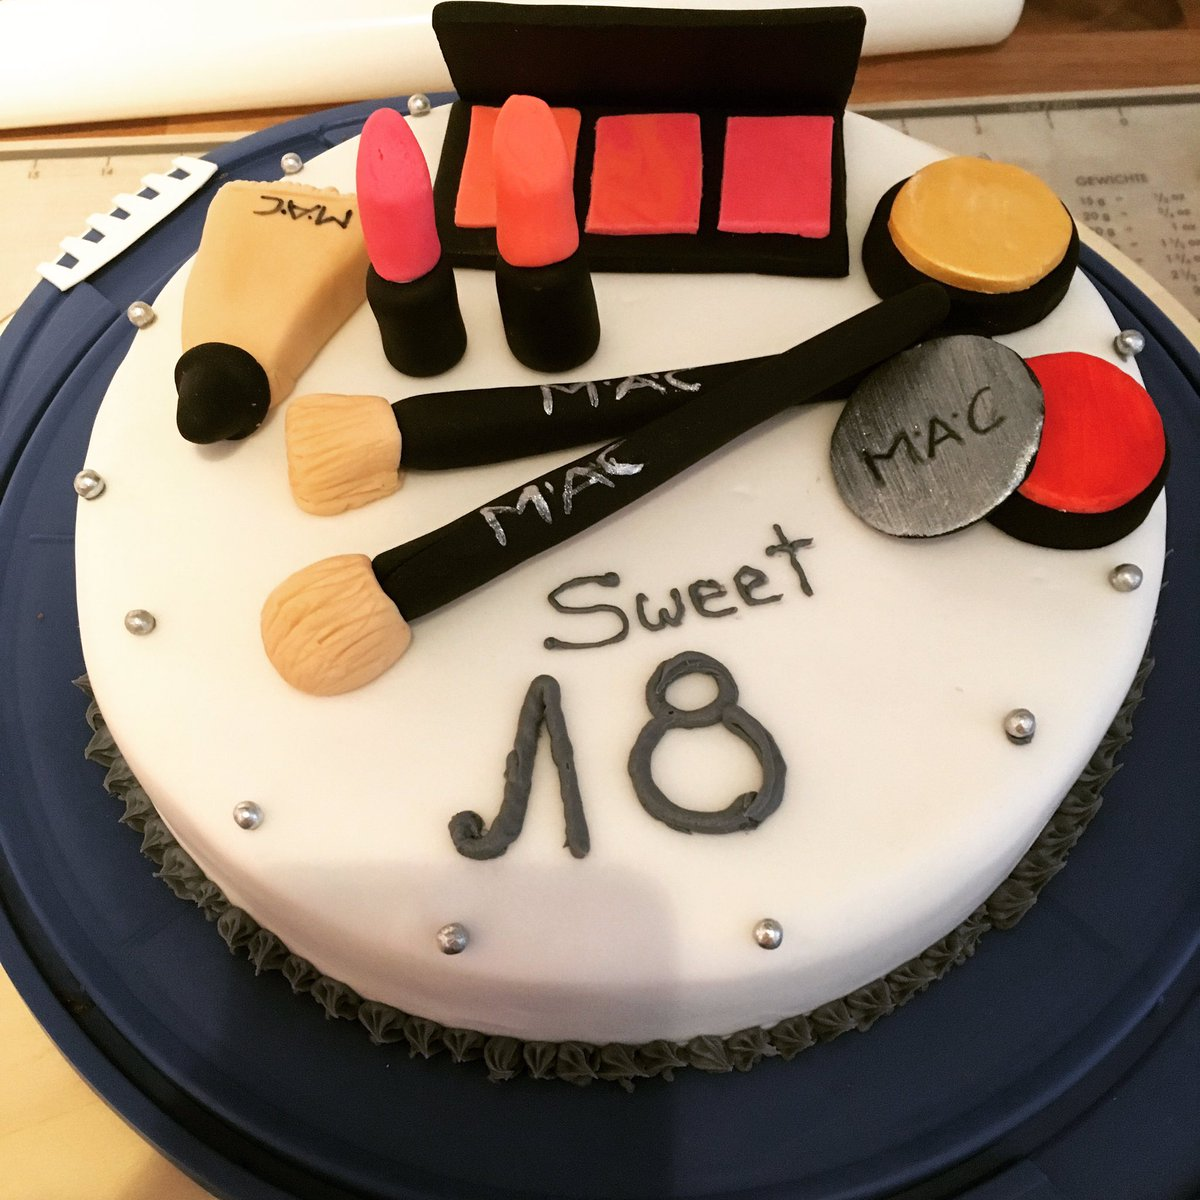 Goldene Geburtstag Kuchen Mit Nummer 18 Und Rosen Auf Dem Kuchen